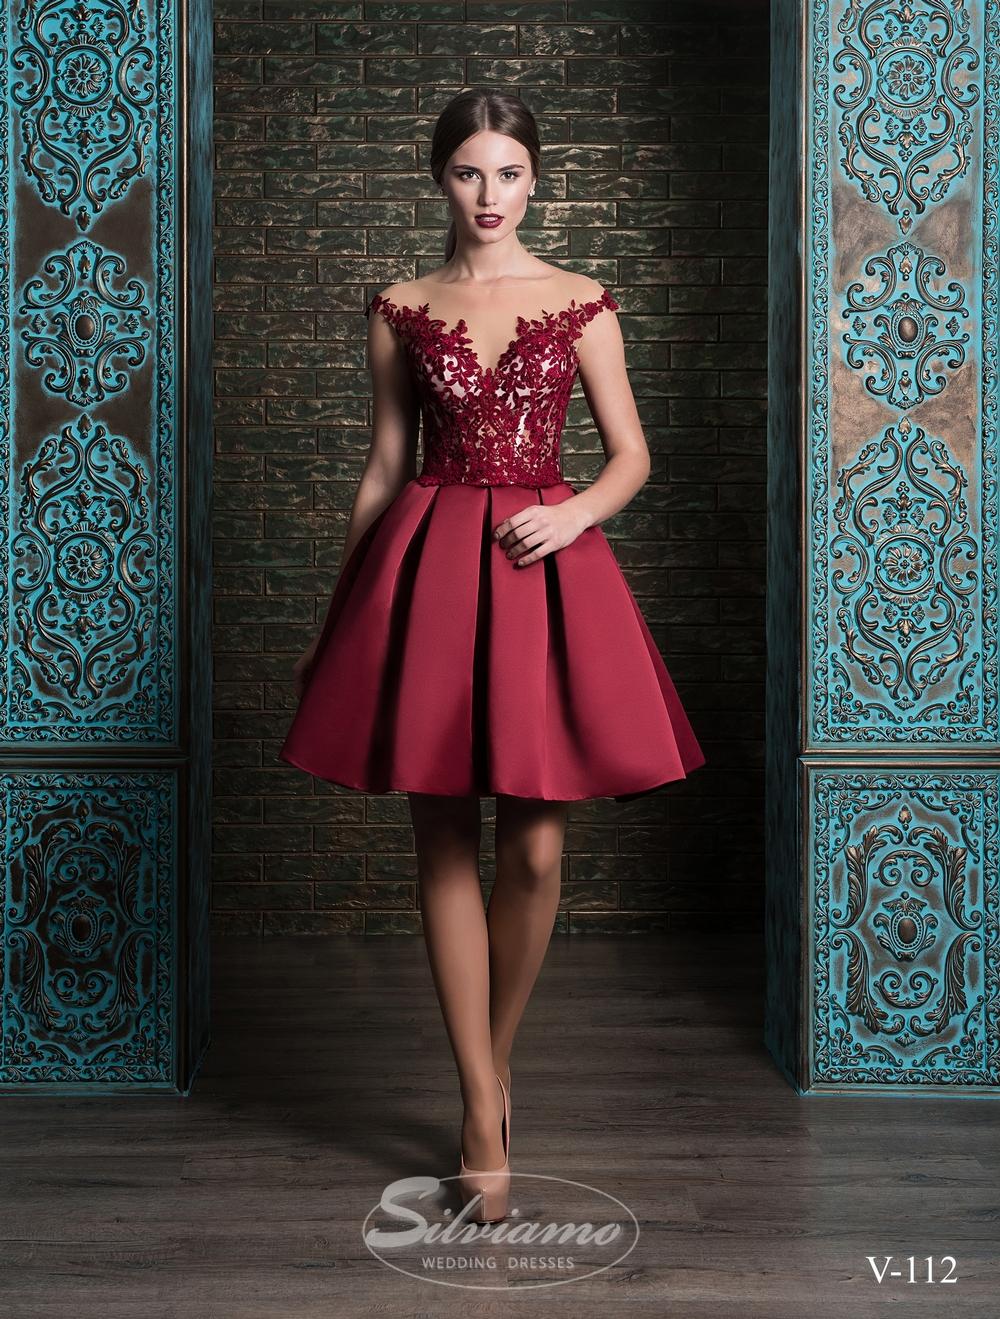 Весільна сукня короткої довжини - дуже популярний варіант. У такому образі  наречена буде виглядати чудово і відчувати себе комфортно. d6d4316596dfa